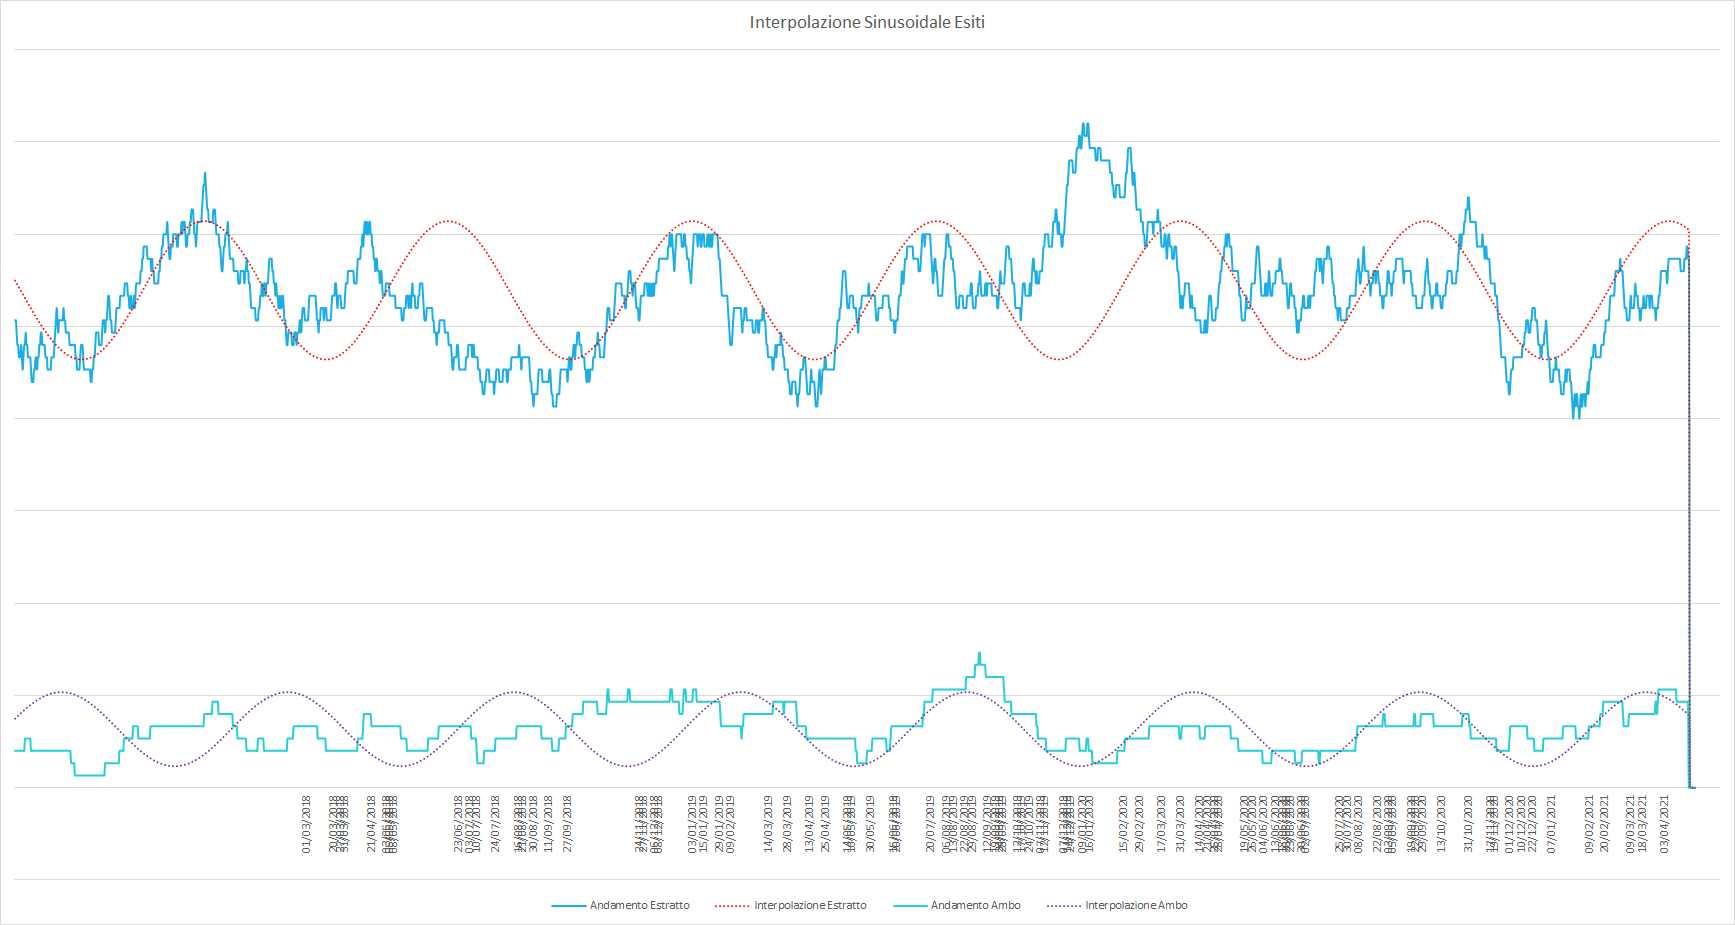 Ipotetico andamento sinusoidale interpolante per le medie dell'estratto e dell'ambo - Aggiornato all'estrazione precedente il 24 Aprile 2021